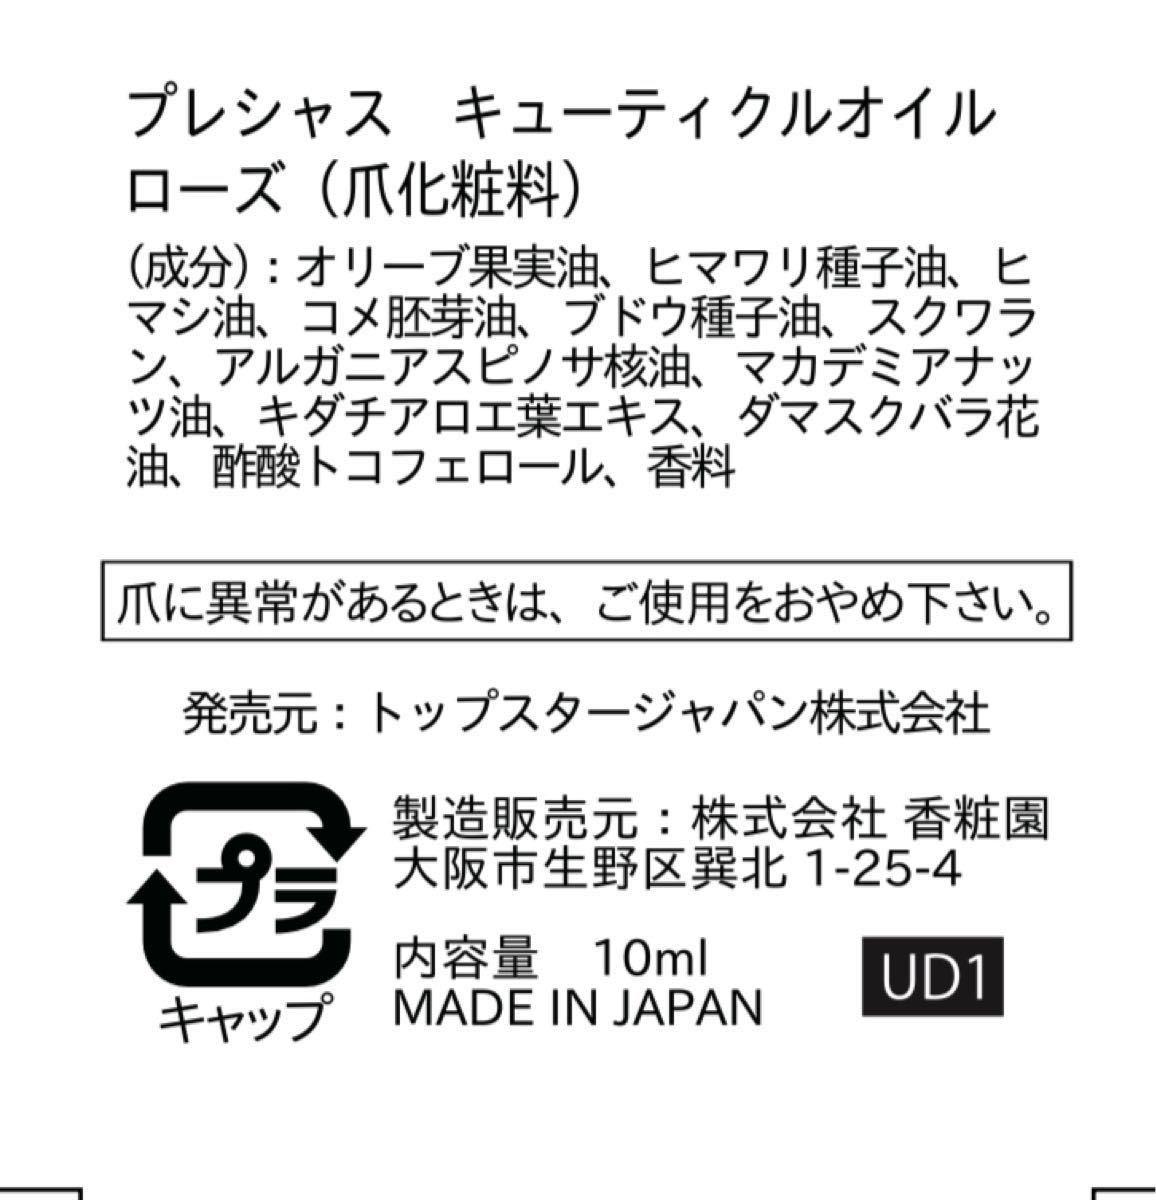 キューティクルオイル ネイルオイル ローズの香り 日本製